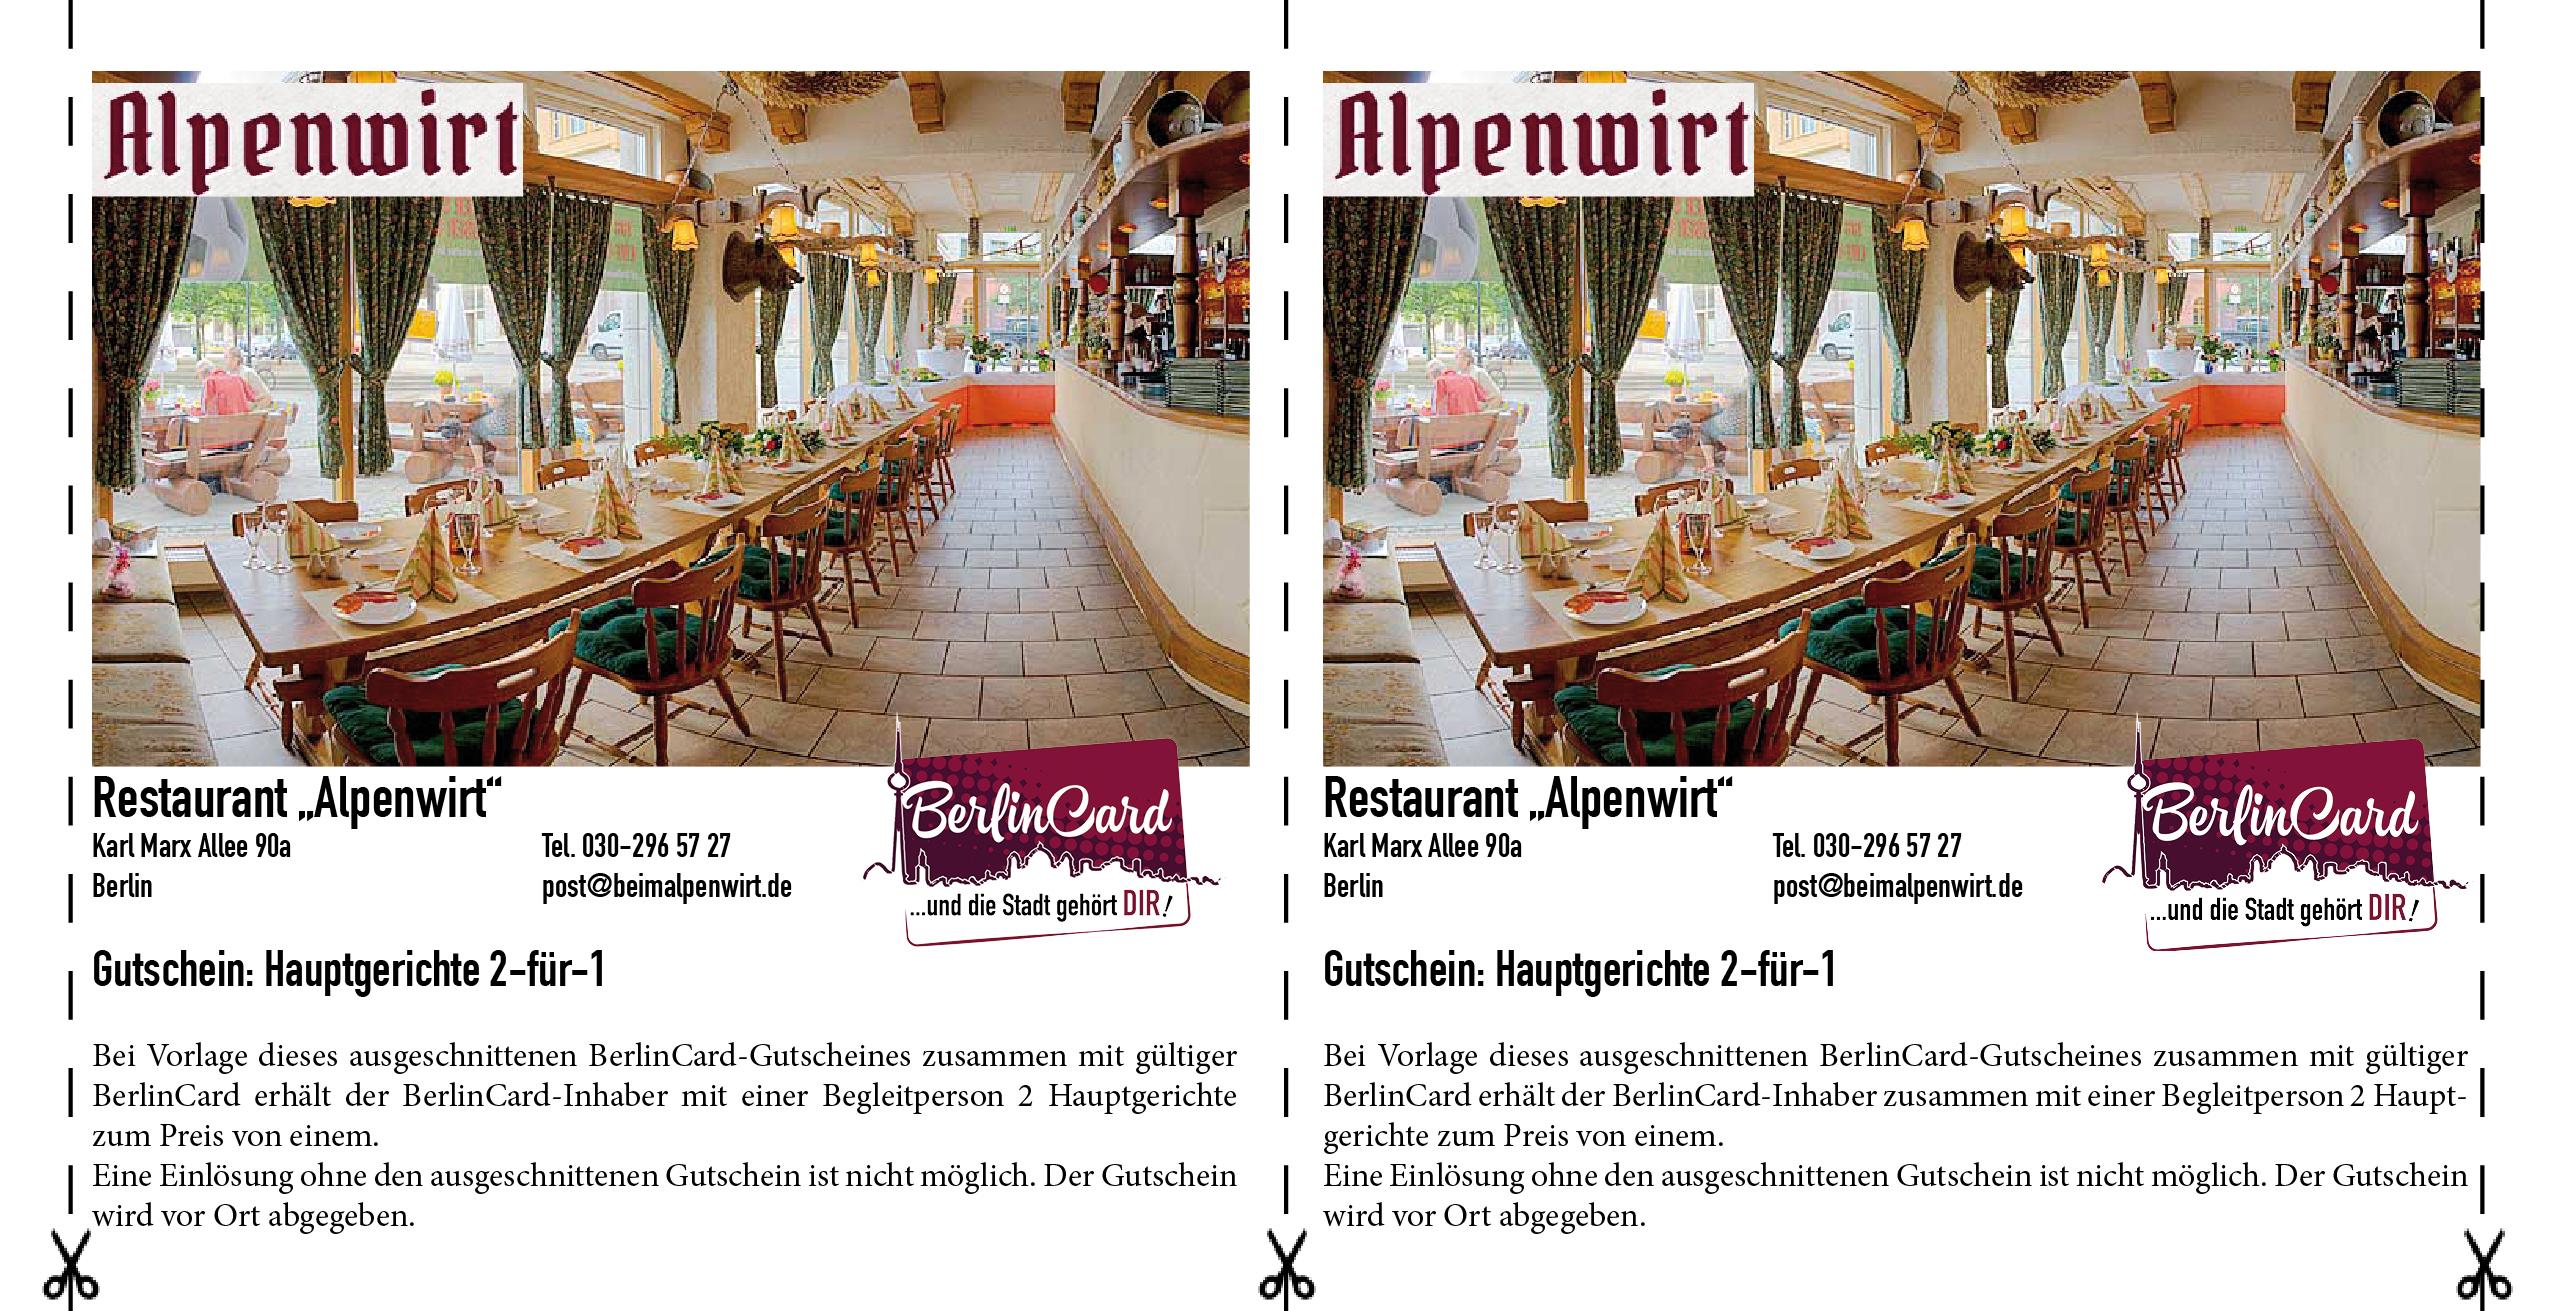 Restaurant Alpenwirt - BerlinCard